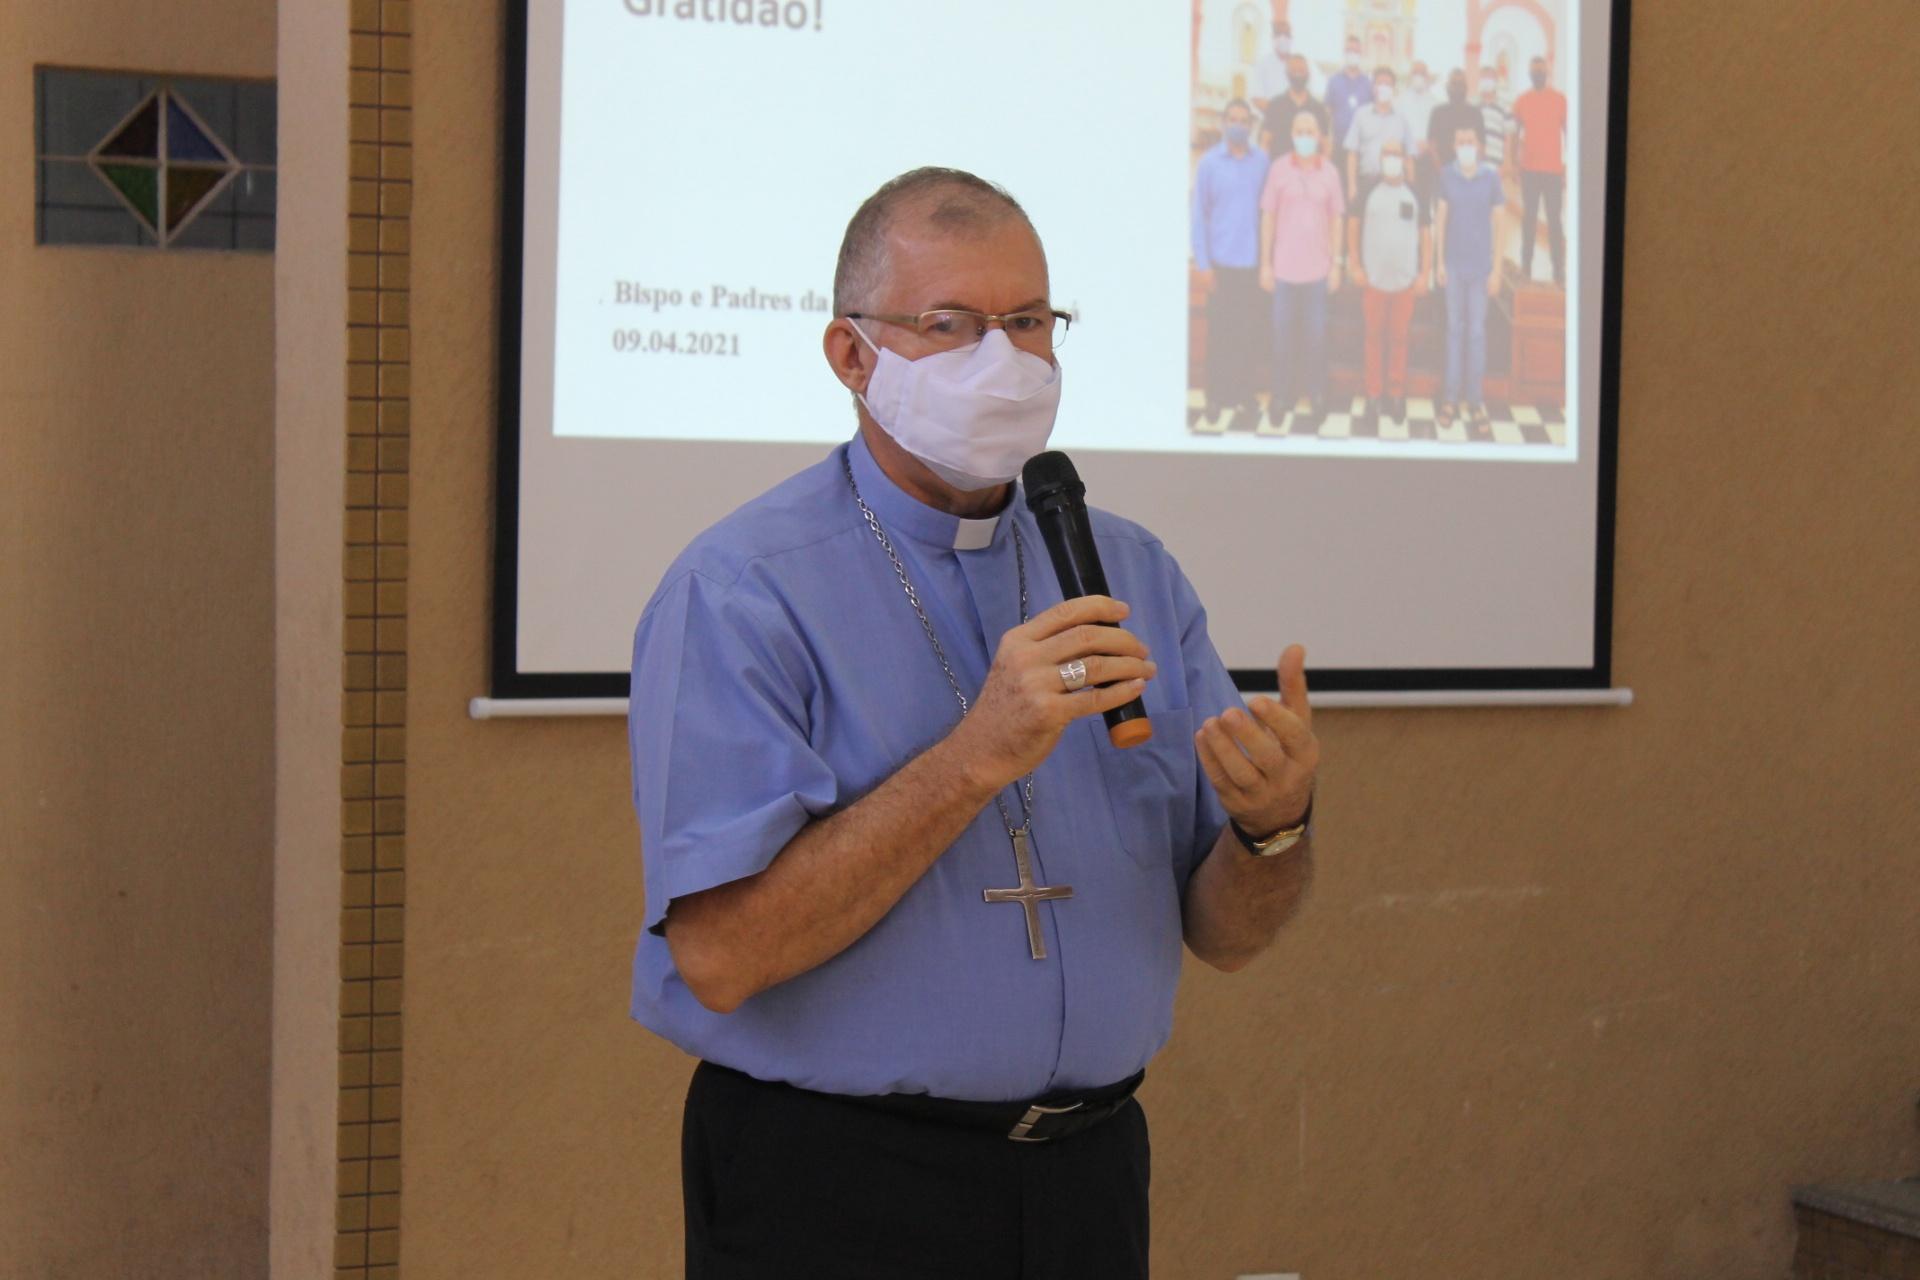 Bispo Dom Edmar Peron salientou importância do diálogo com o município e demandas encaminhadas